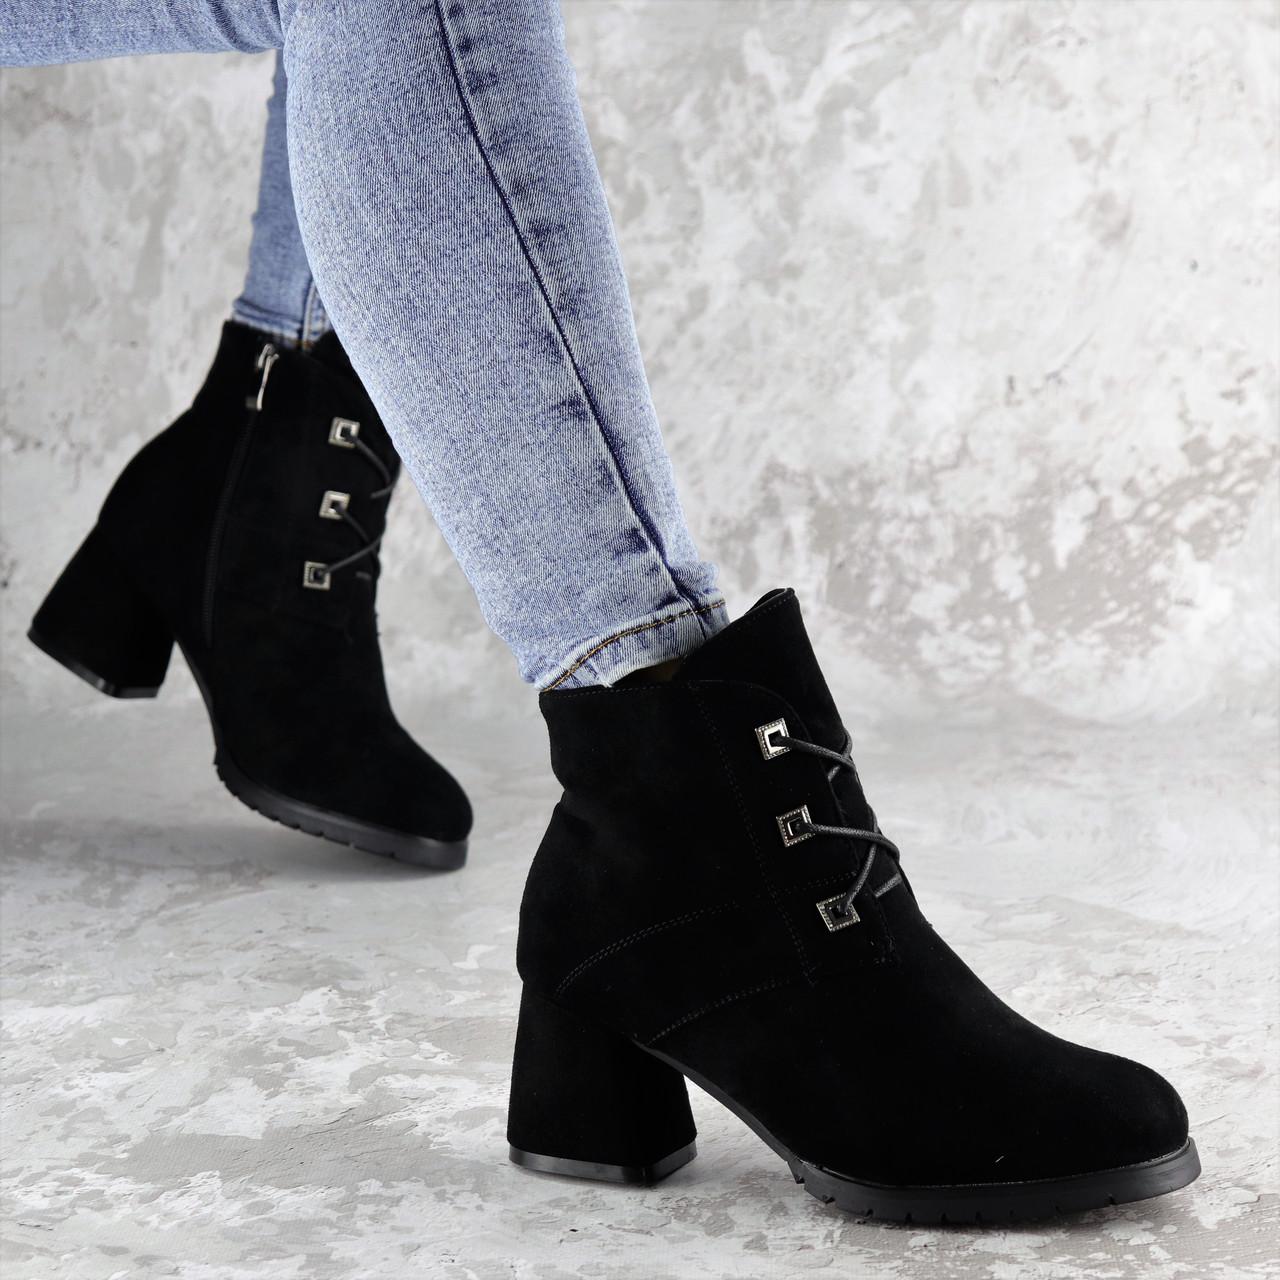 Жіночі зимові ботильйони на підборах Fashion Umpa 1369 36 розмір 23 см Чорний